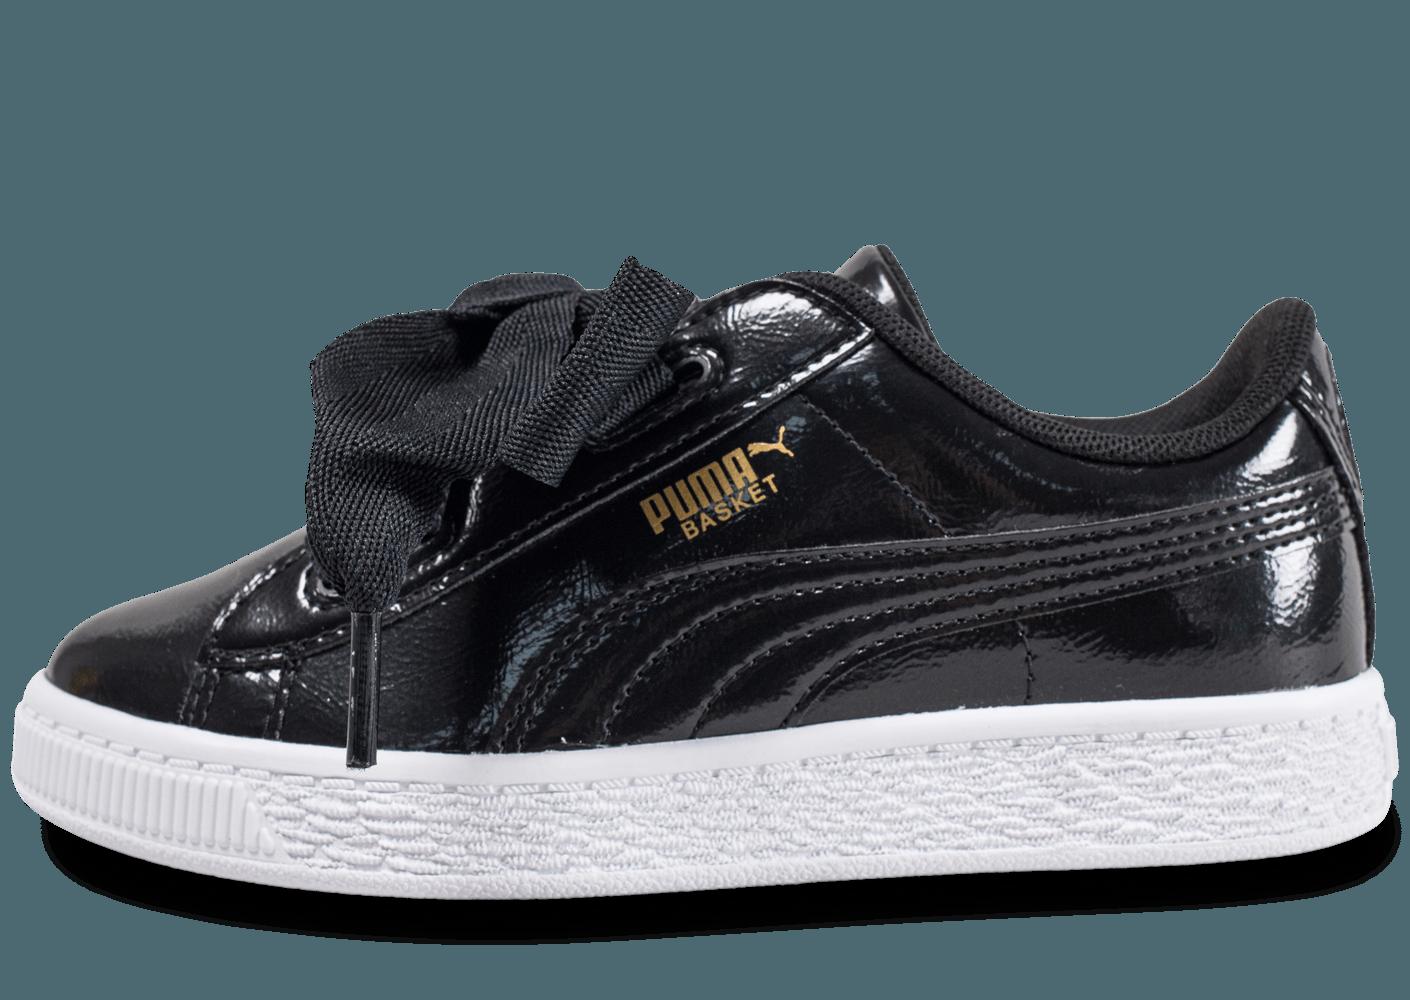 finest selection 1d90f cc119 Prix de gros basket puma enfant France vente en ligne, toutes les gammes de chaussures  Nike pour hommes et femmes outlet pas cher.